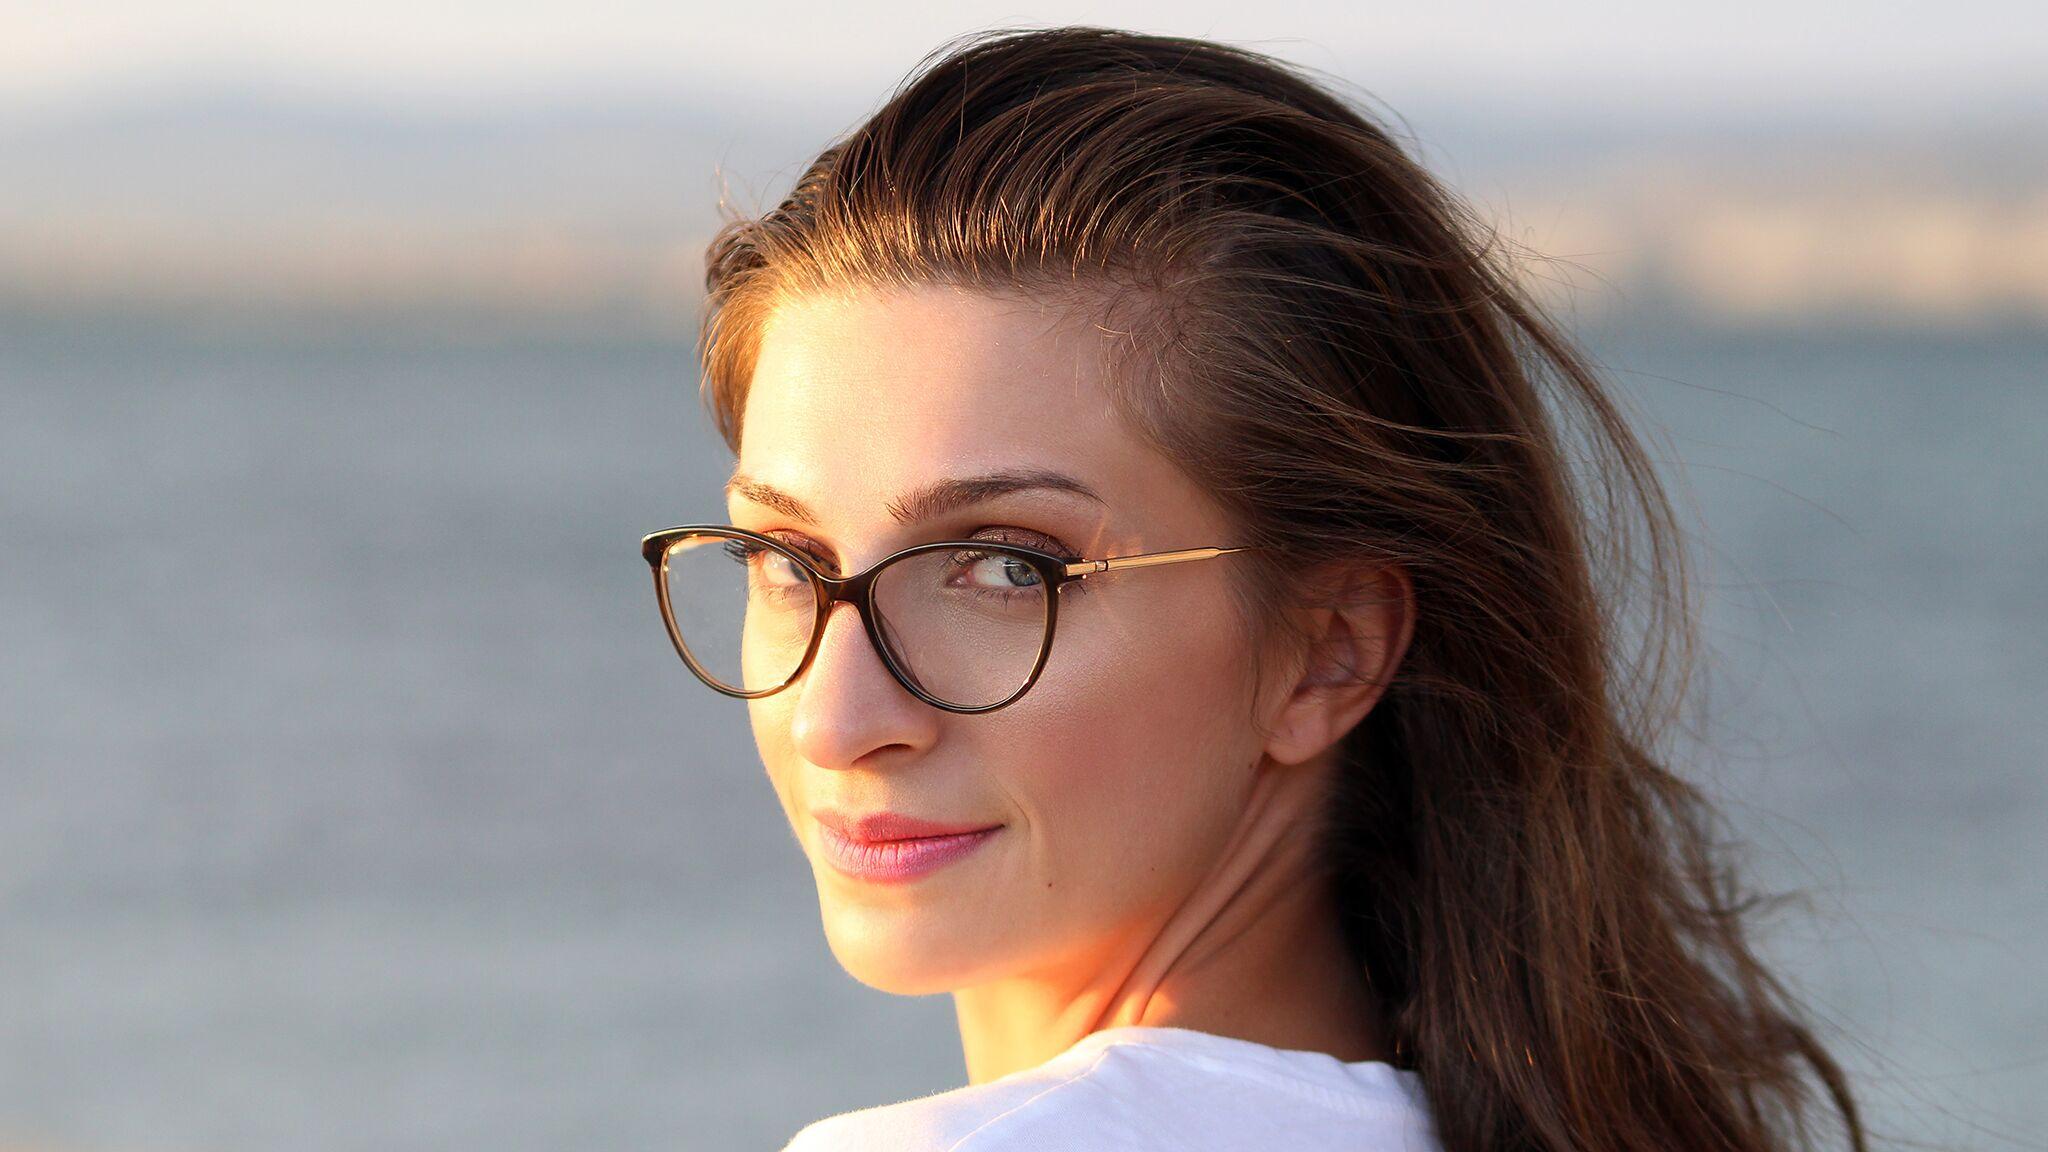 Lunettes, les tendances 2020 | Choisir ses lunettes